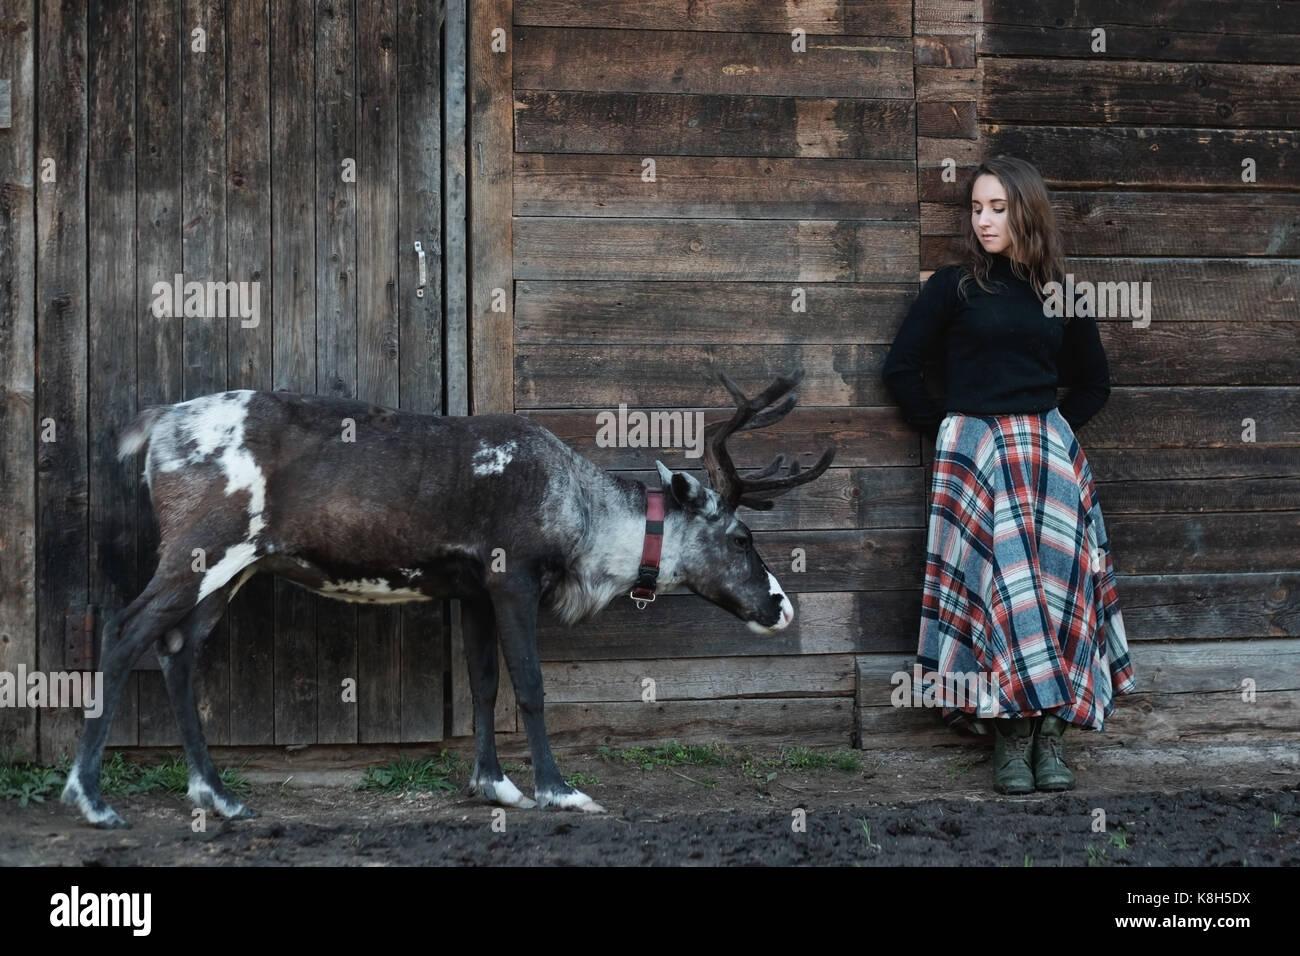 Une jeune fille européenne dans un plaid jupe est debout à côté d'un renne près d'un Photo Stock